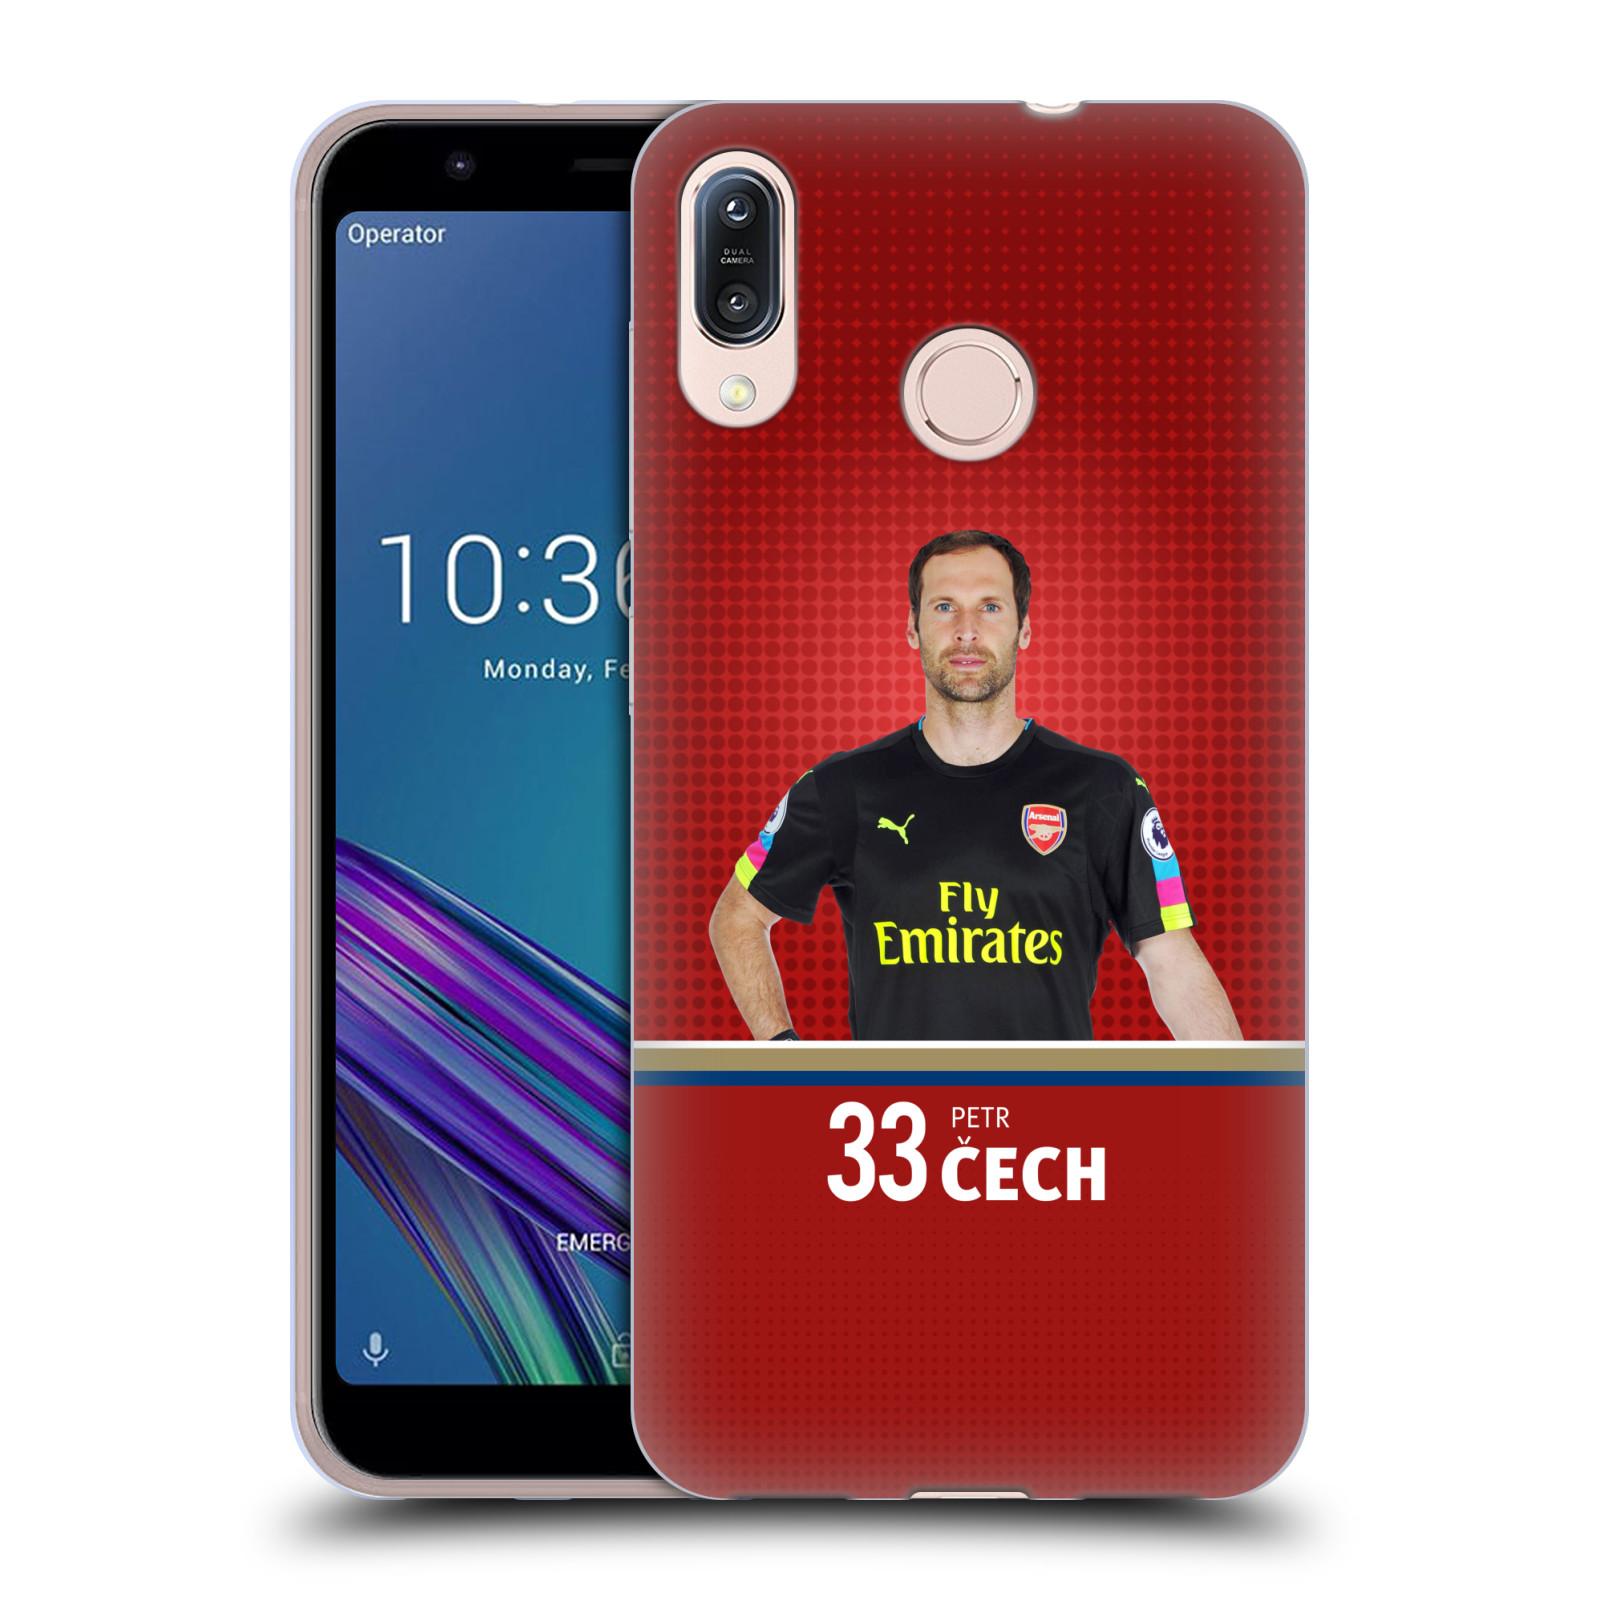 Silikonové pouzdro na mobil Asus Zenfone Max M1 ZB555KL - Head Case - Arsenal FC - Petr Čech